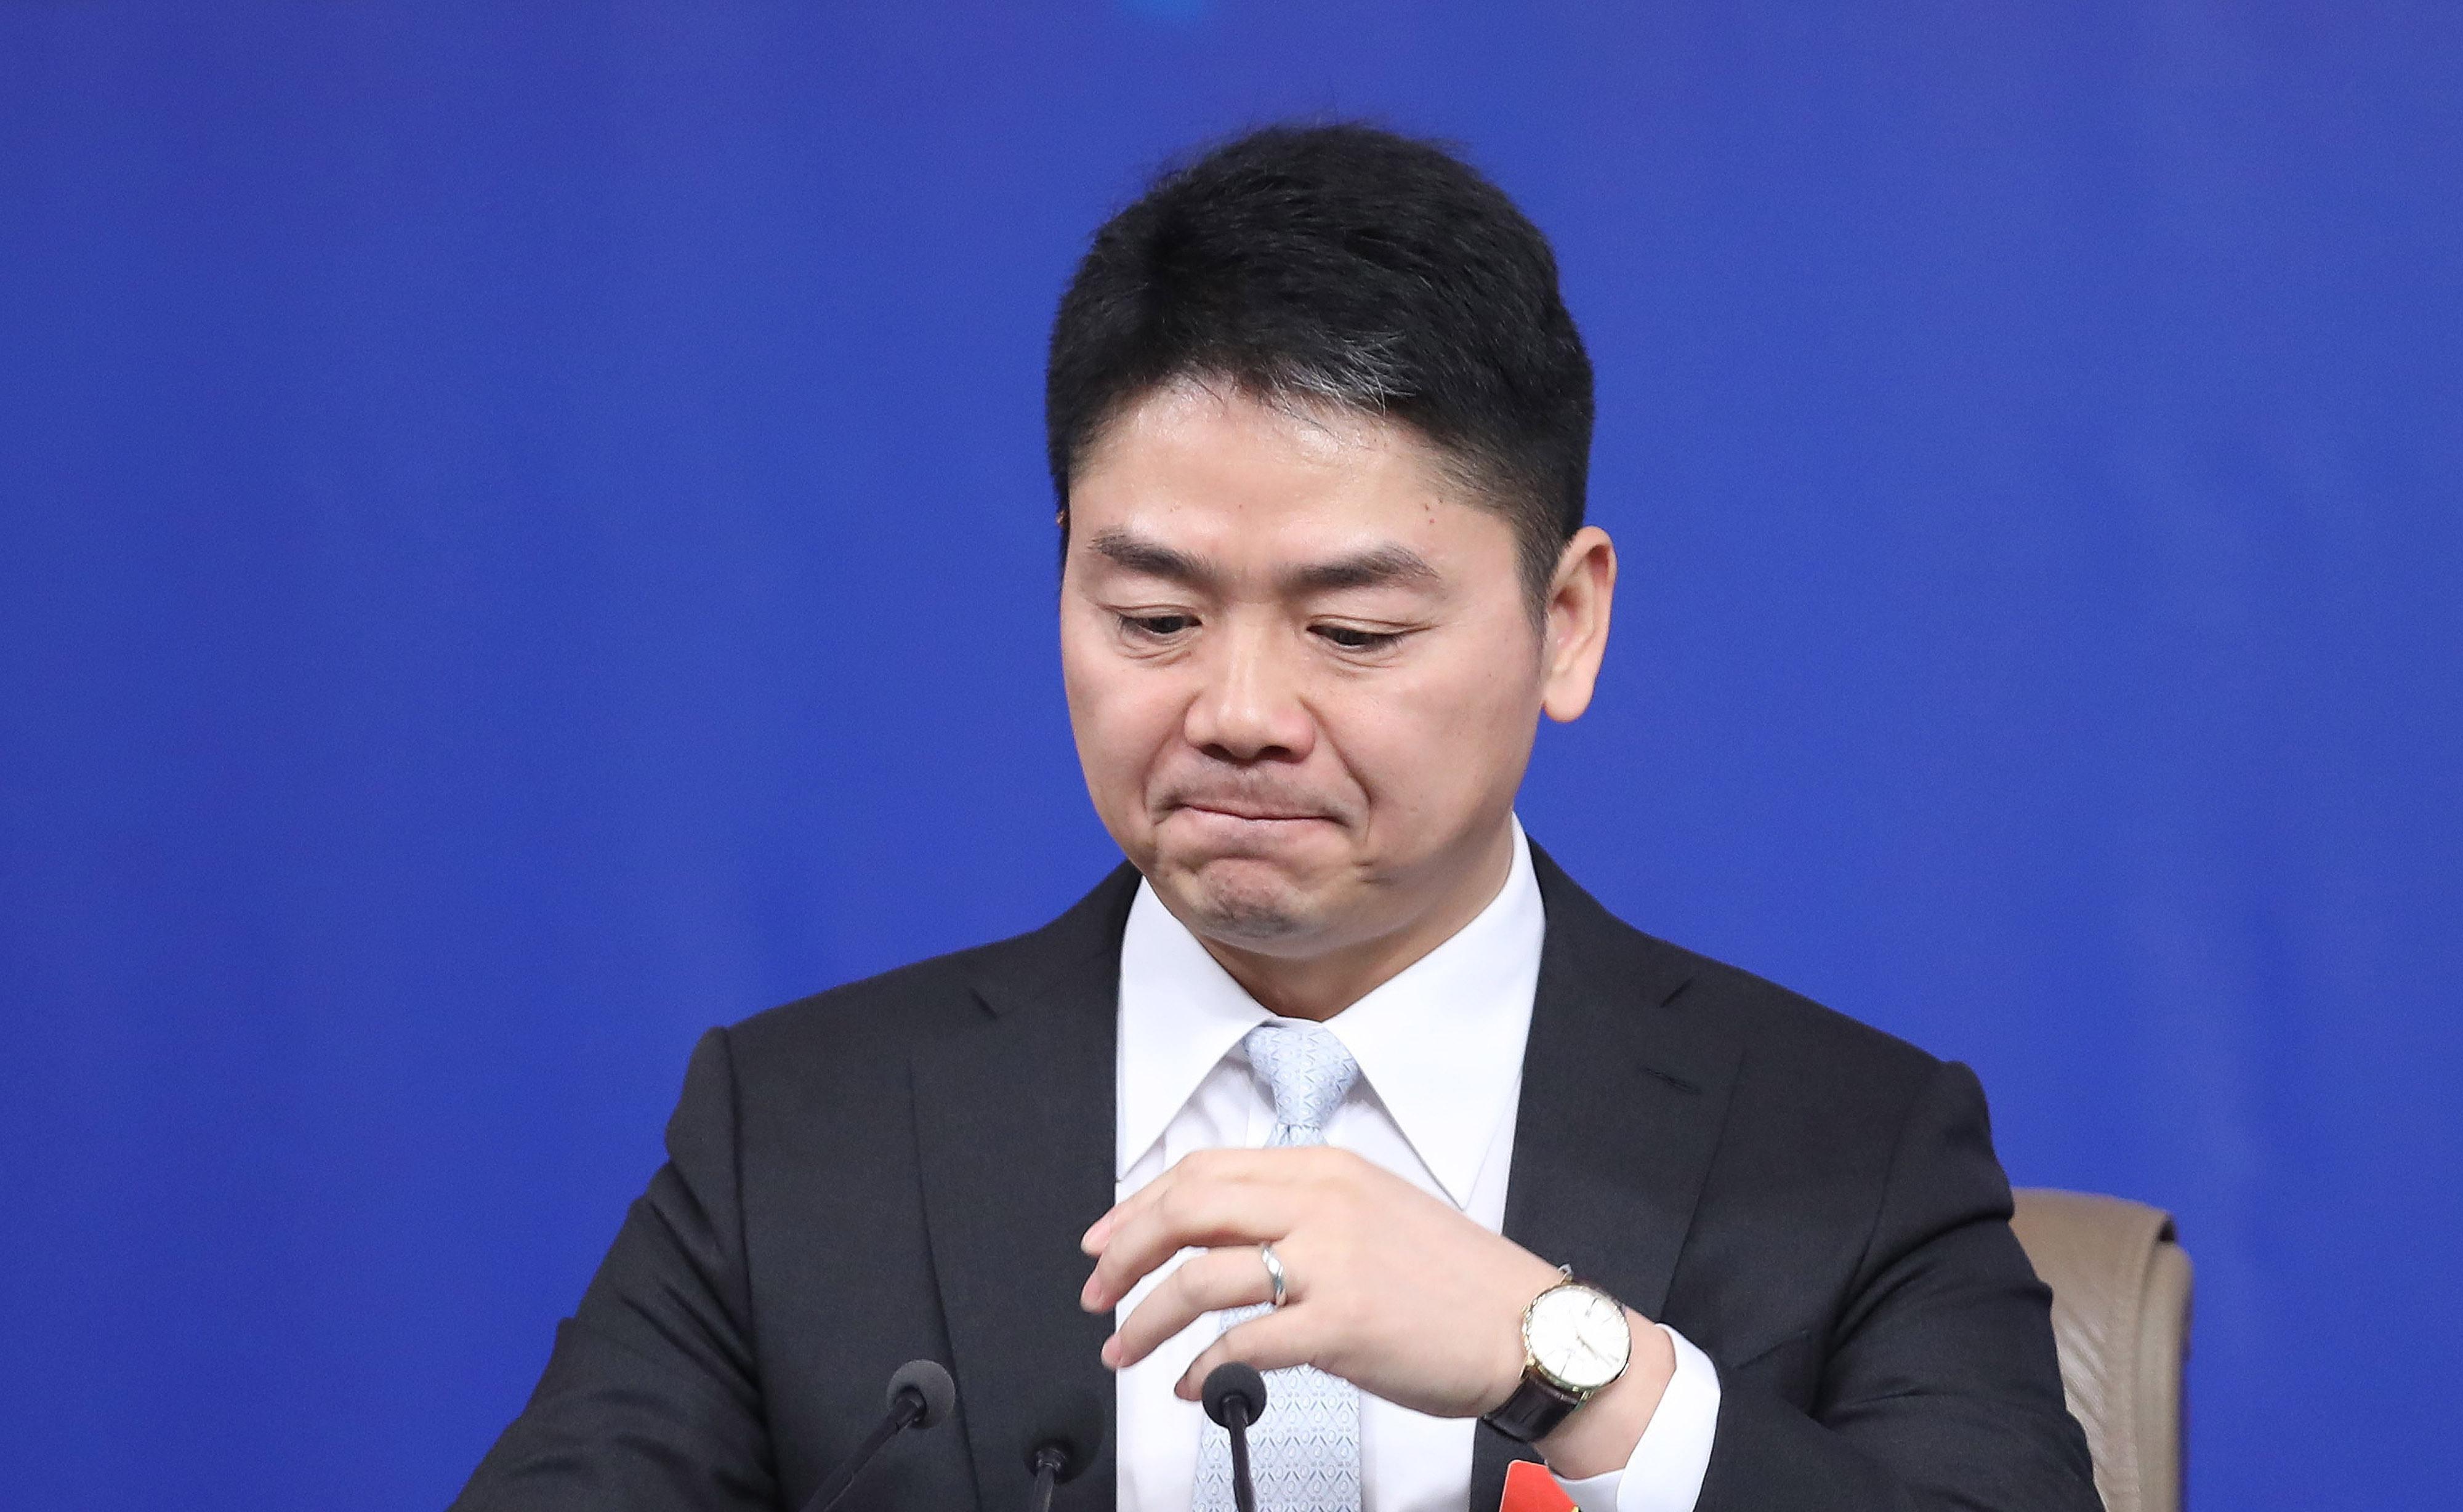 刘强东案新录音 女方抽泣:我只是个学生